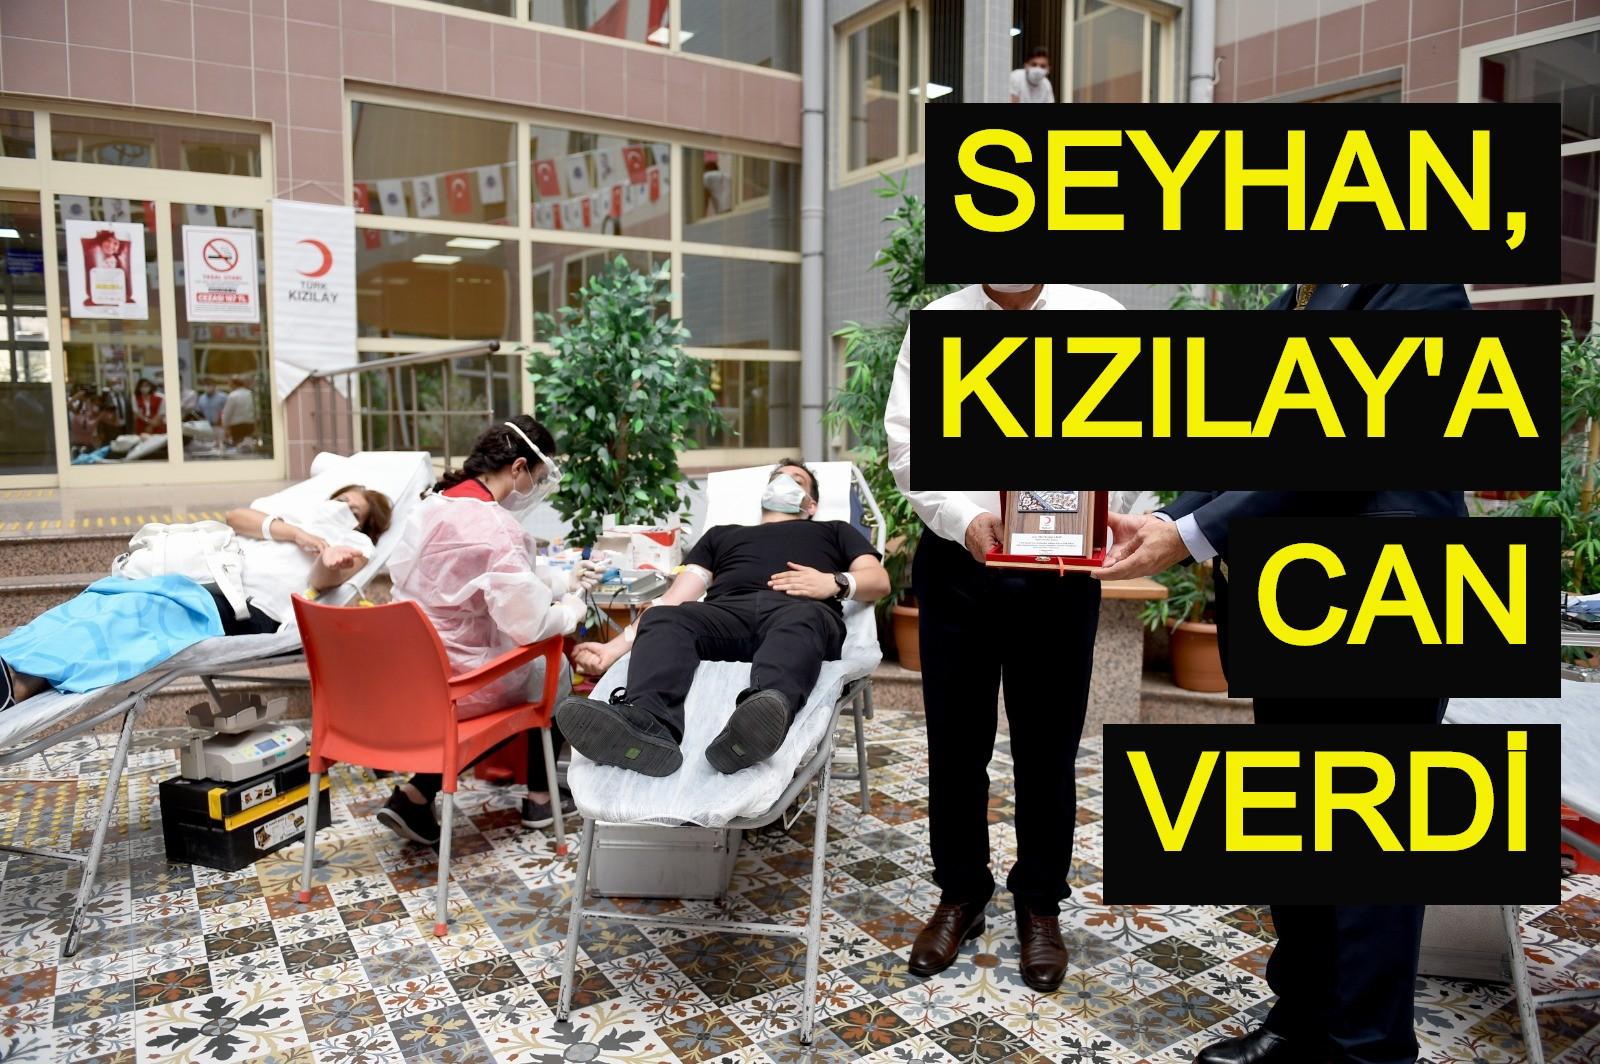 Seyhan, Kızılay'a can verdi